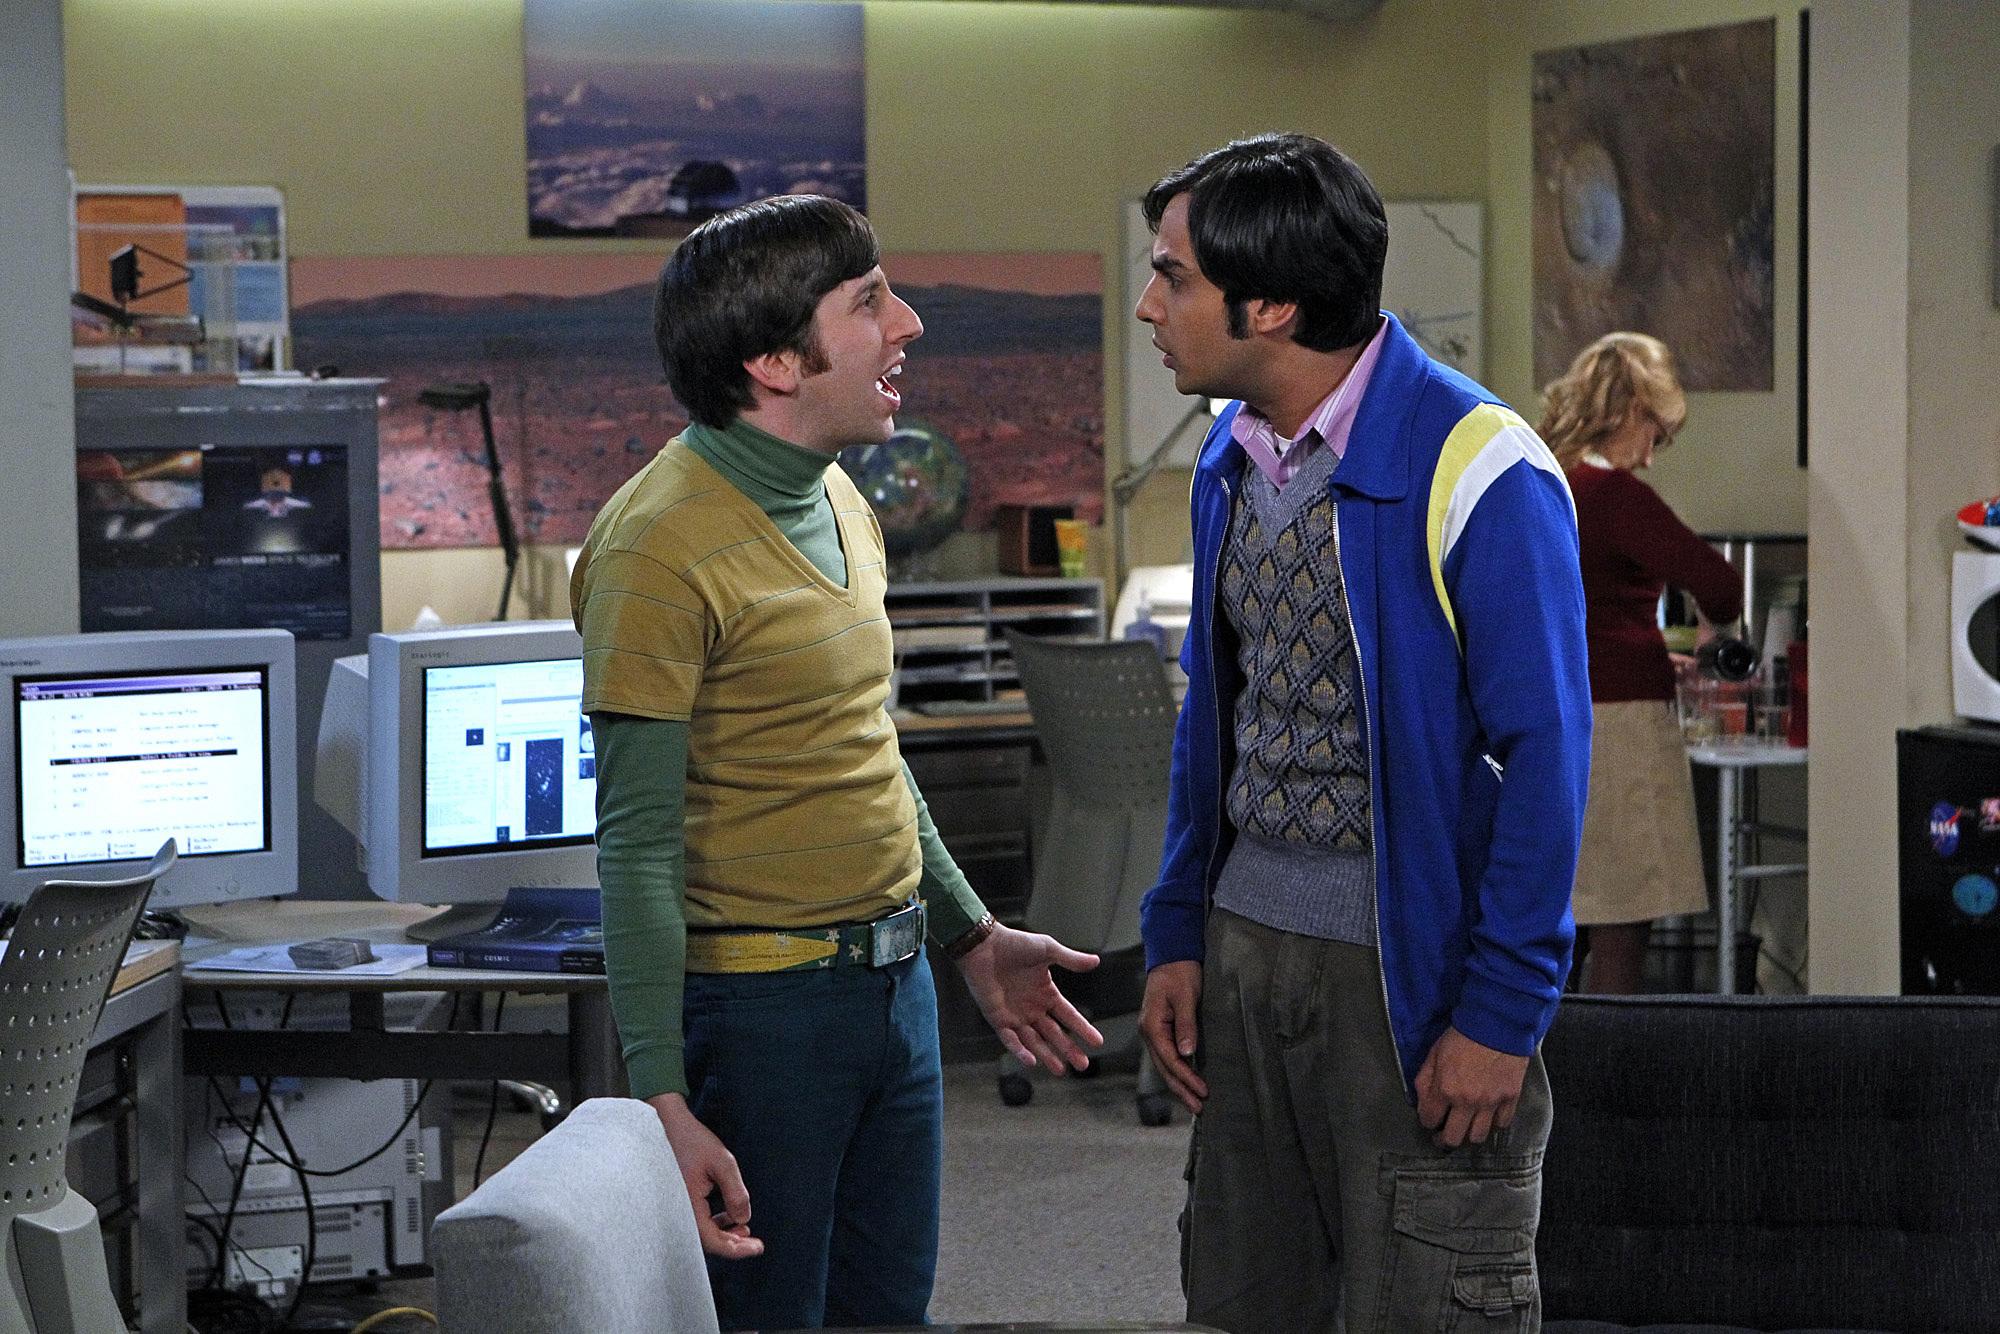 Howard & Raj The Big Bang Theory Background